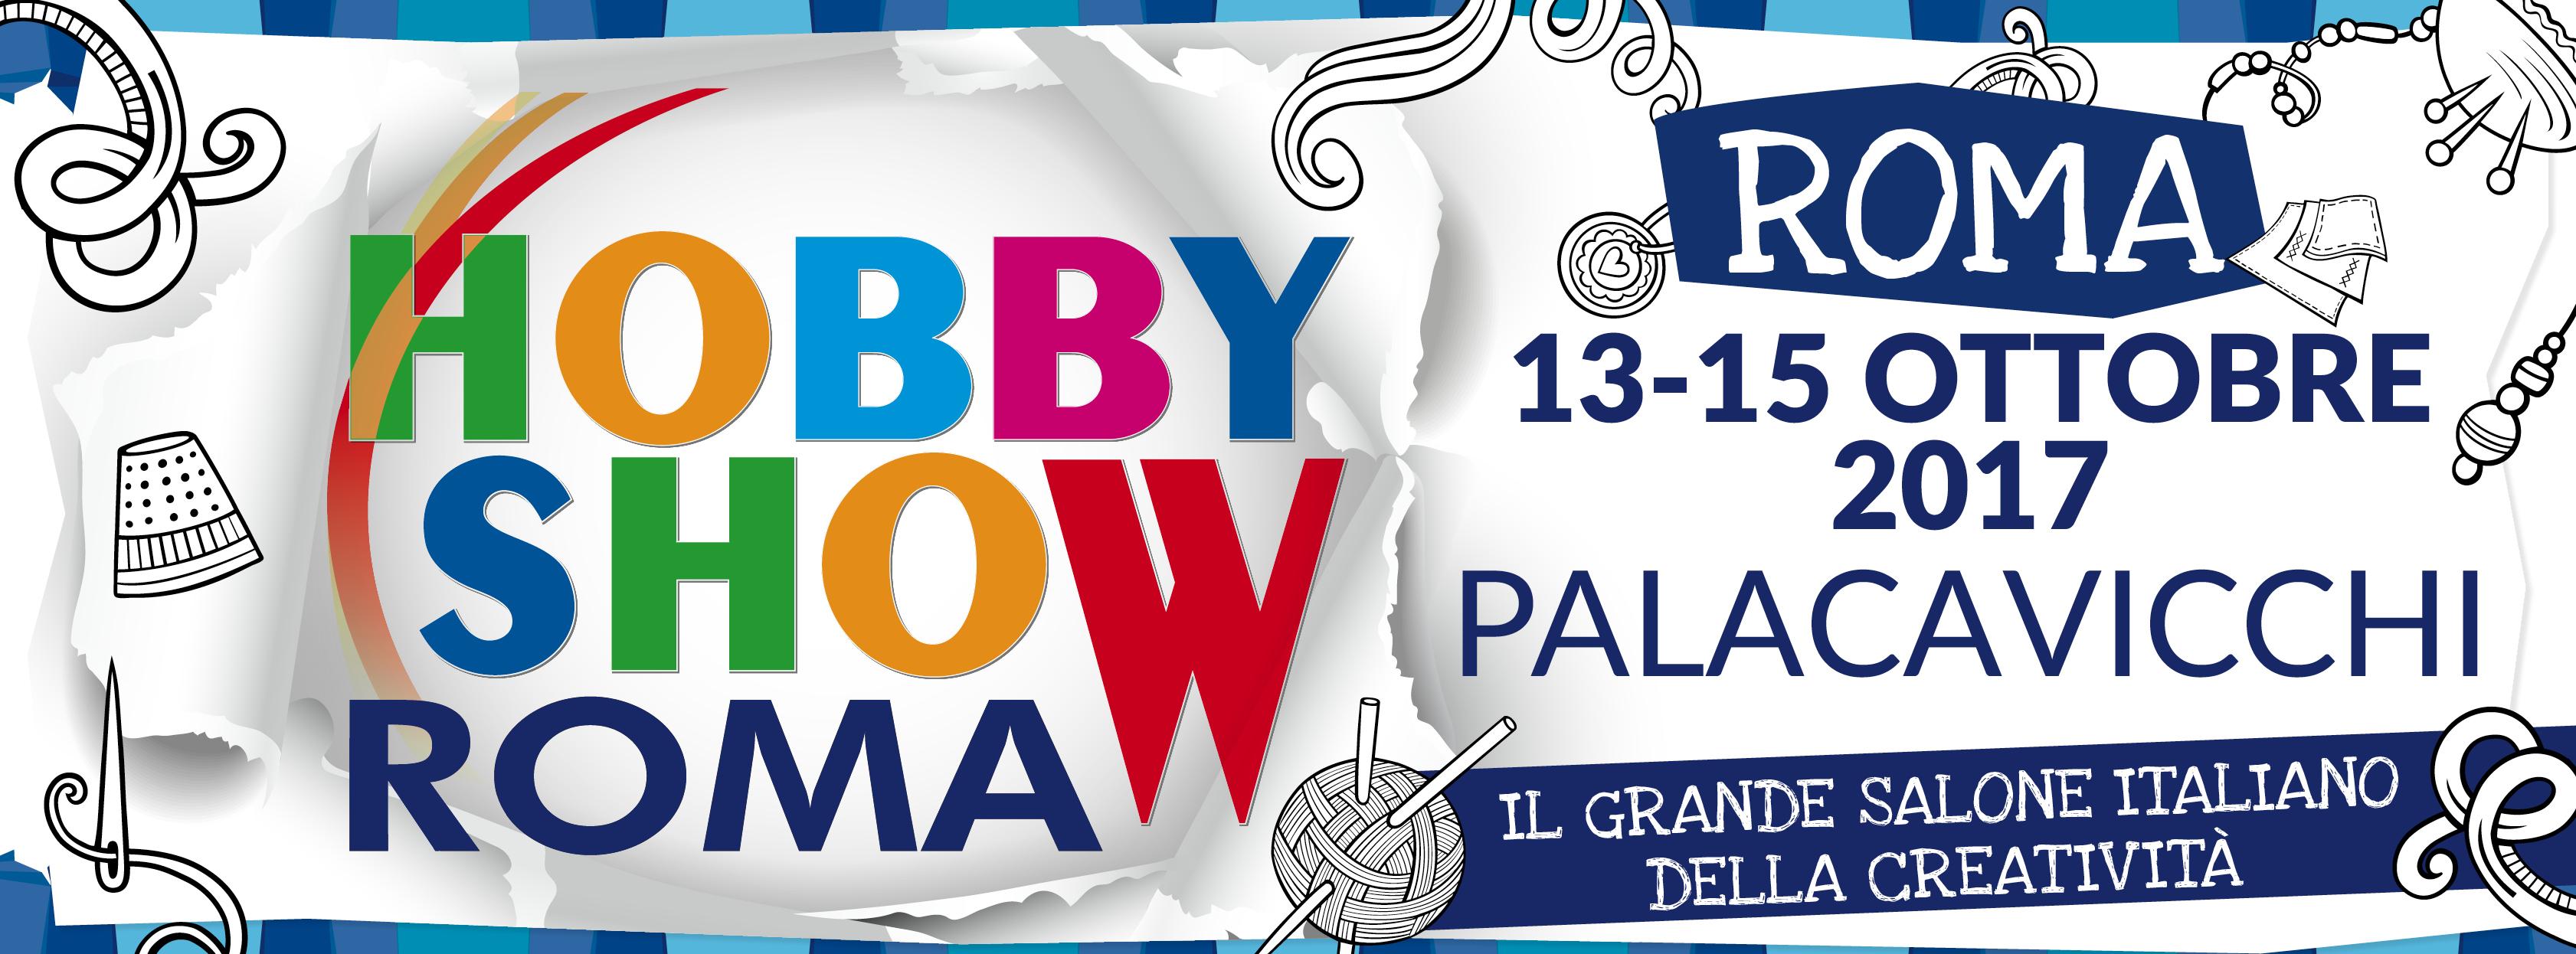 Hobby Show Roma ottobre 2017